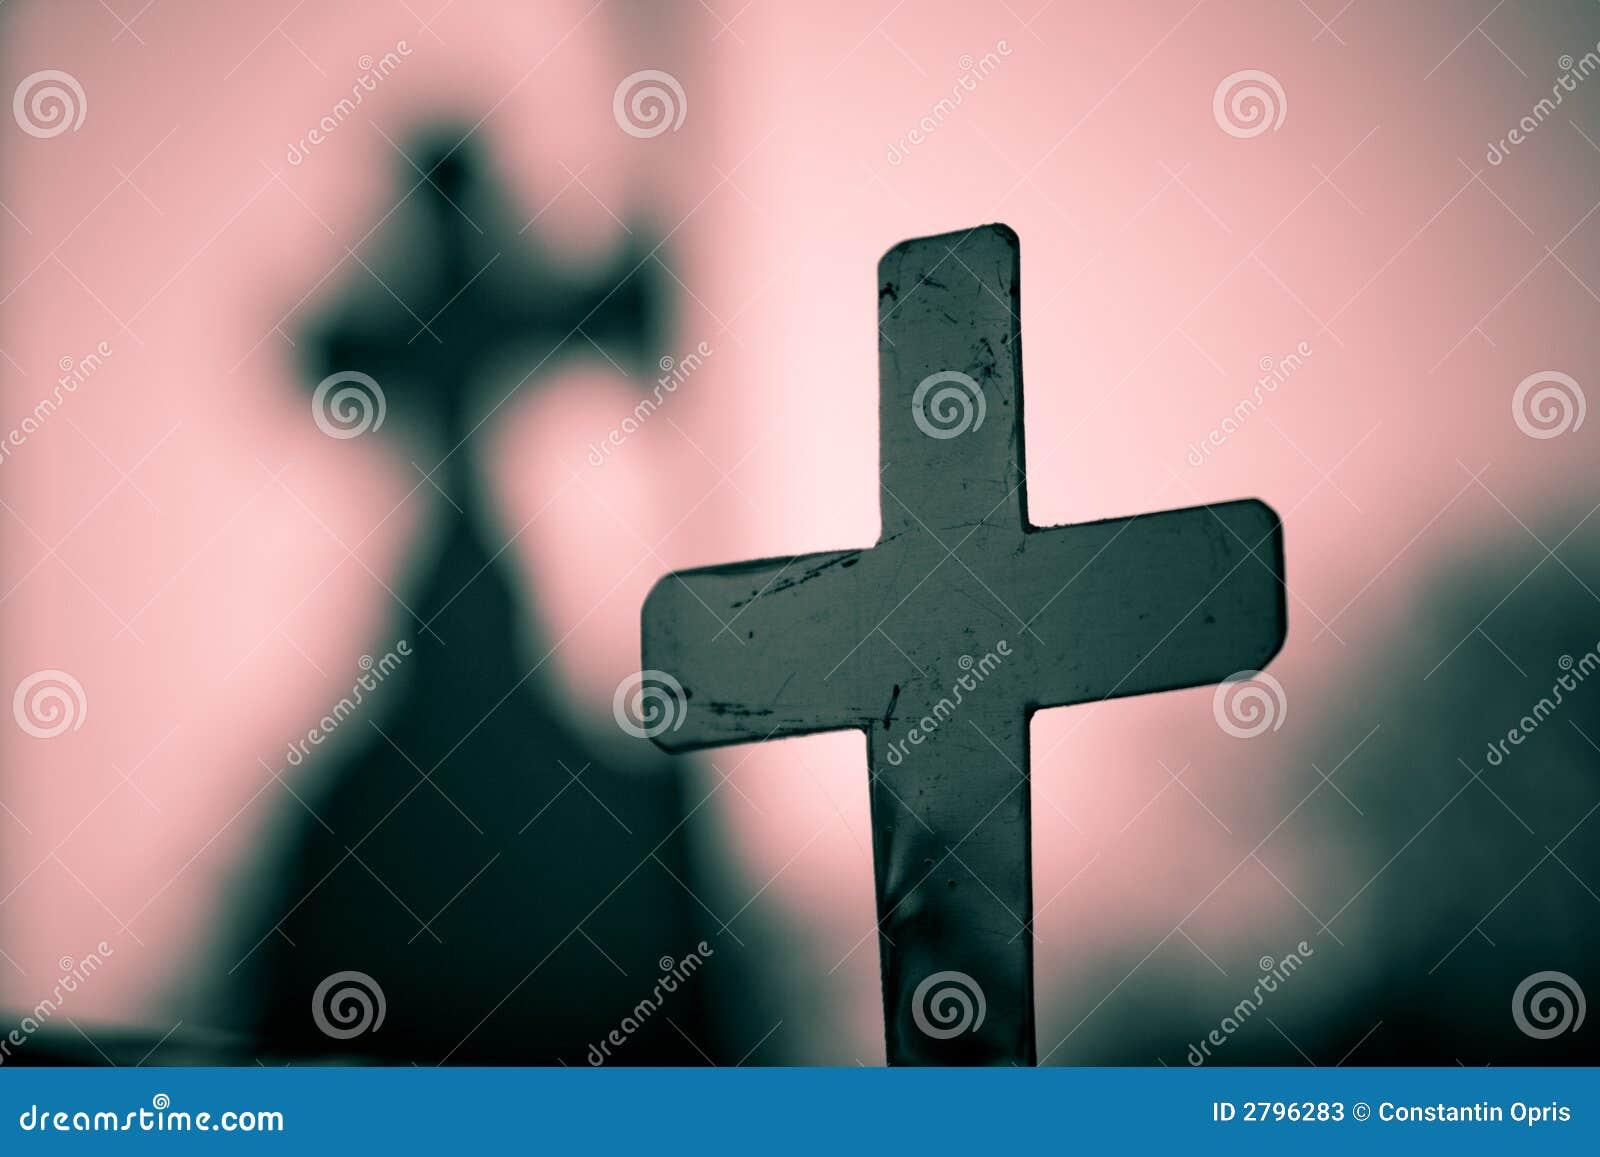 Cruz y sombra